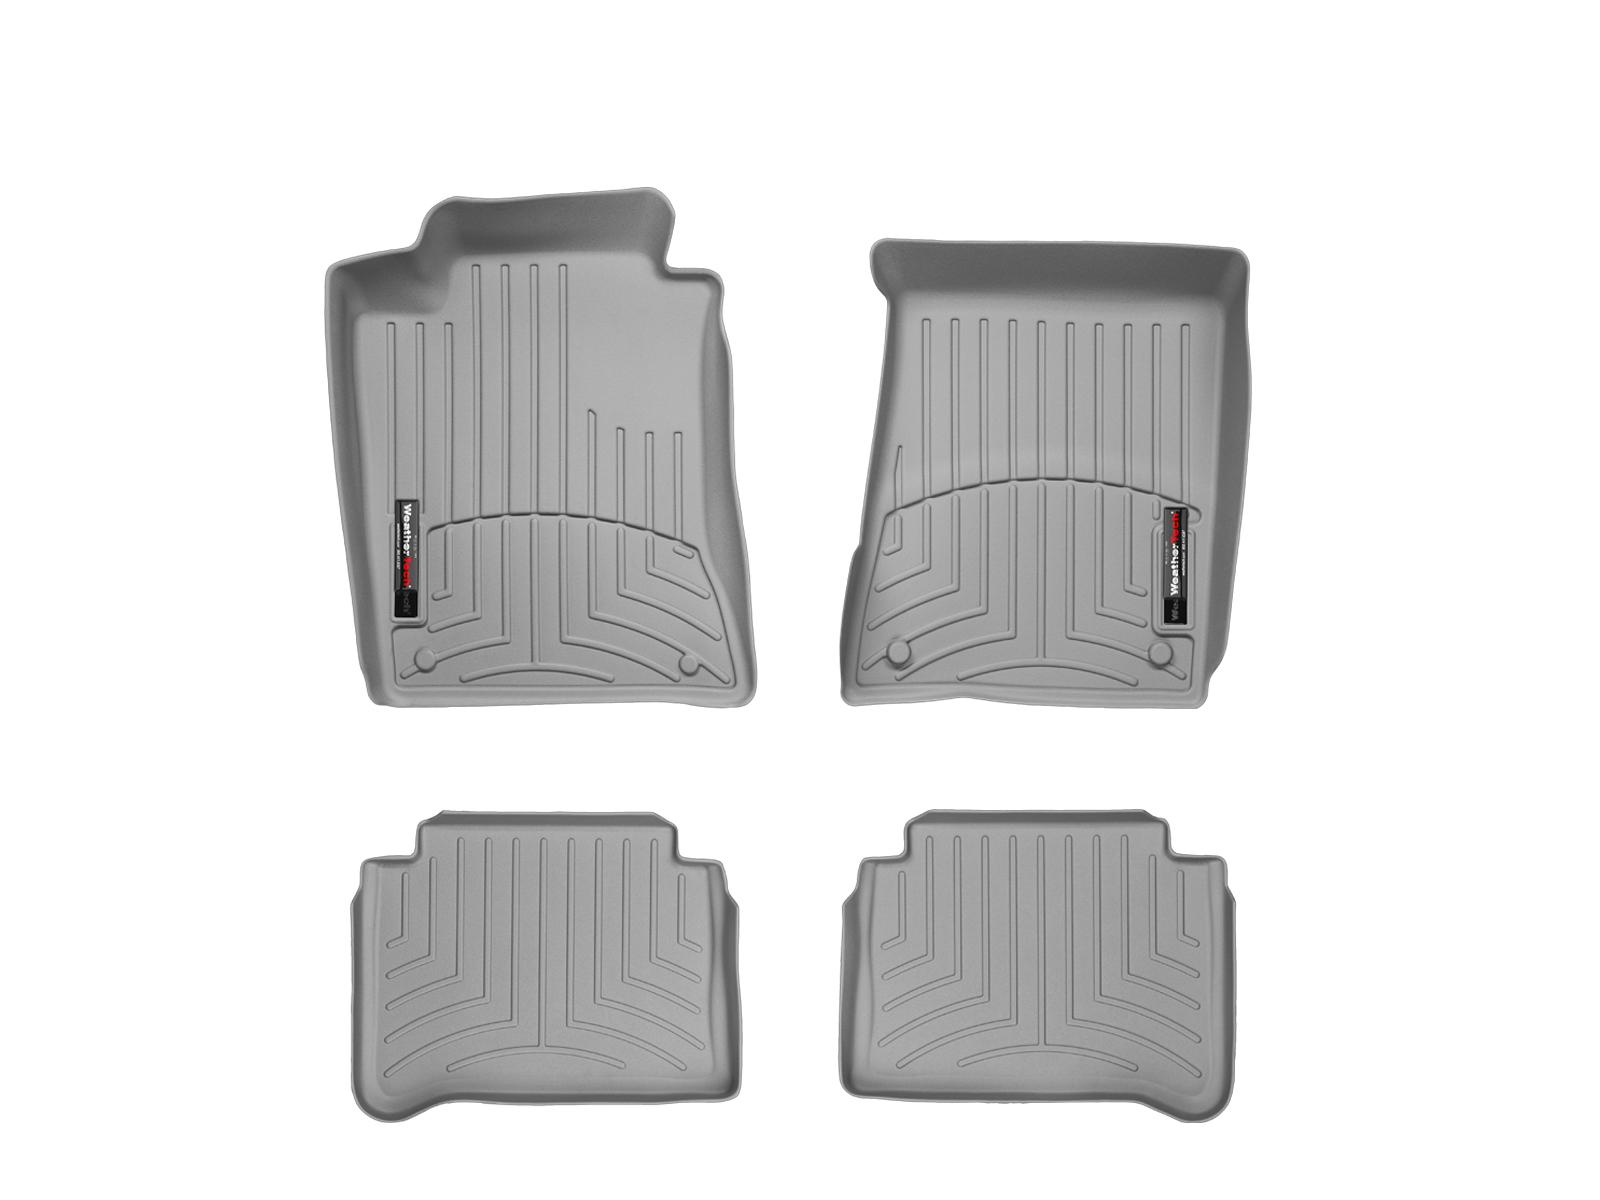 Tappeti gomma su misura bordo alto Mercedes E-Class 02>09 Grigio A2347*